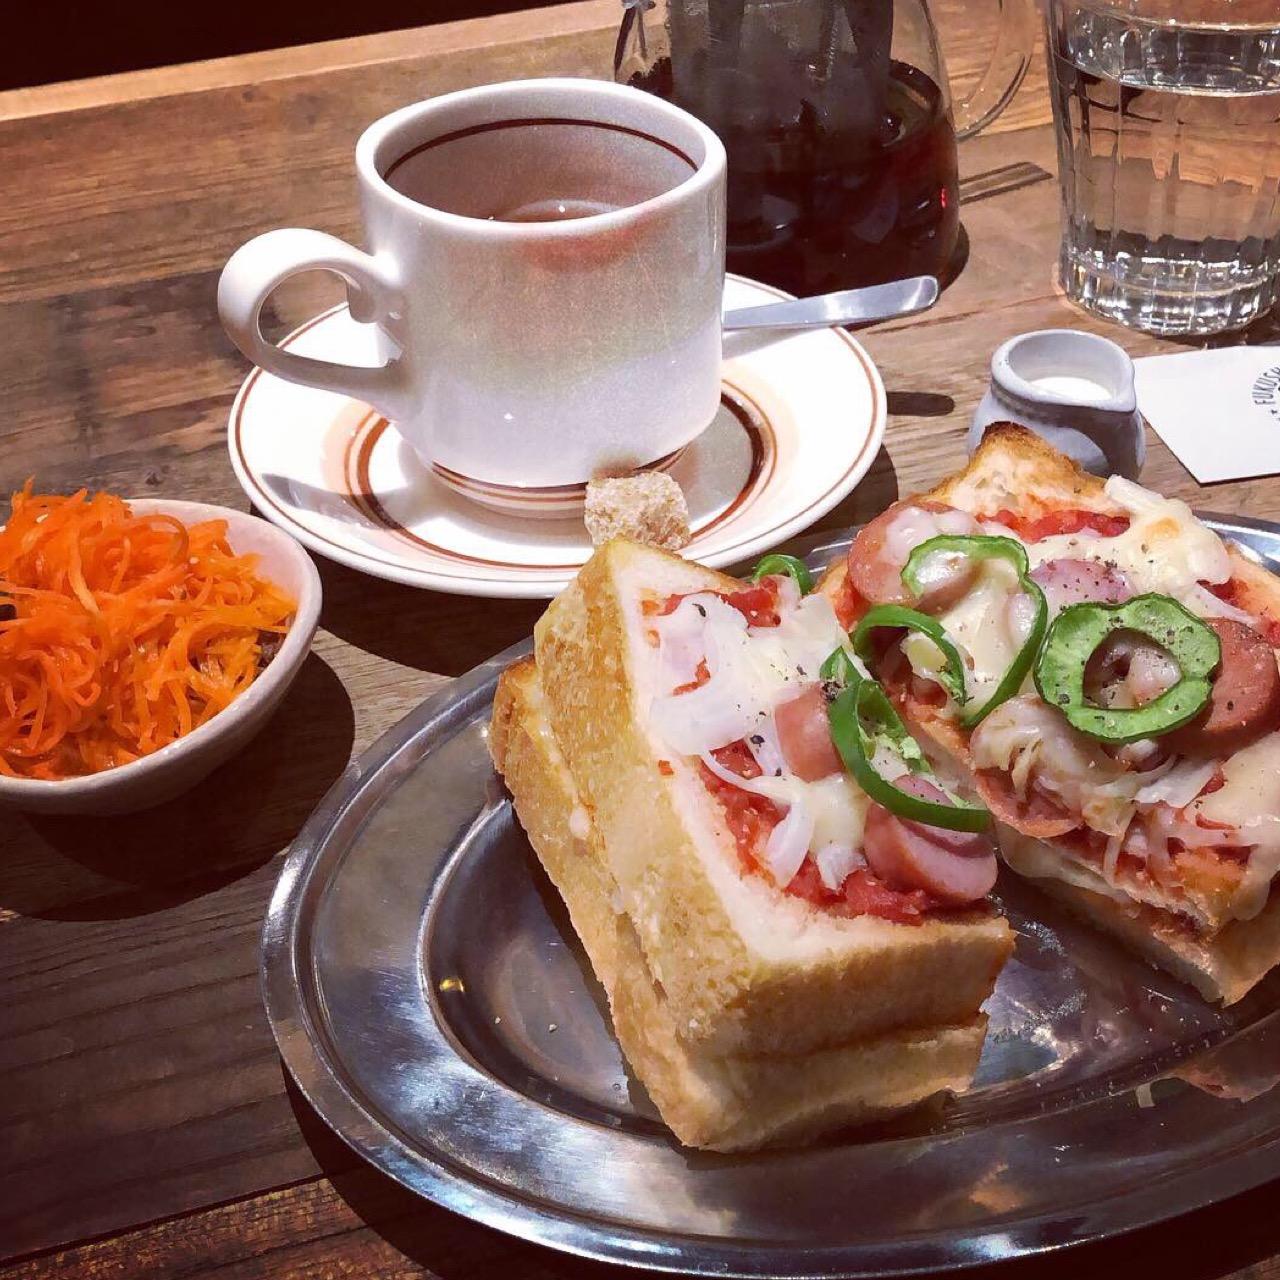 麹町の小さなカフェで食べられる♡レトロなビジュアルがオシャレでおいしいプリン!_5